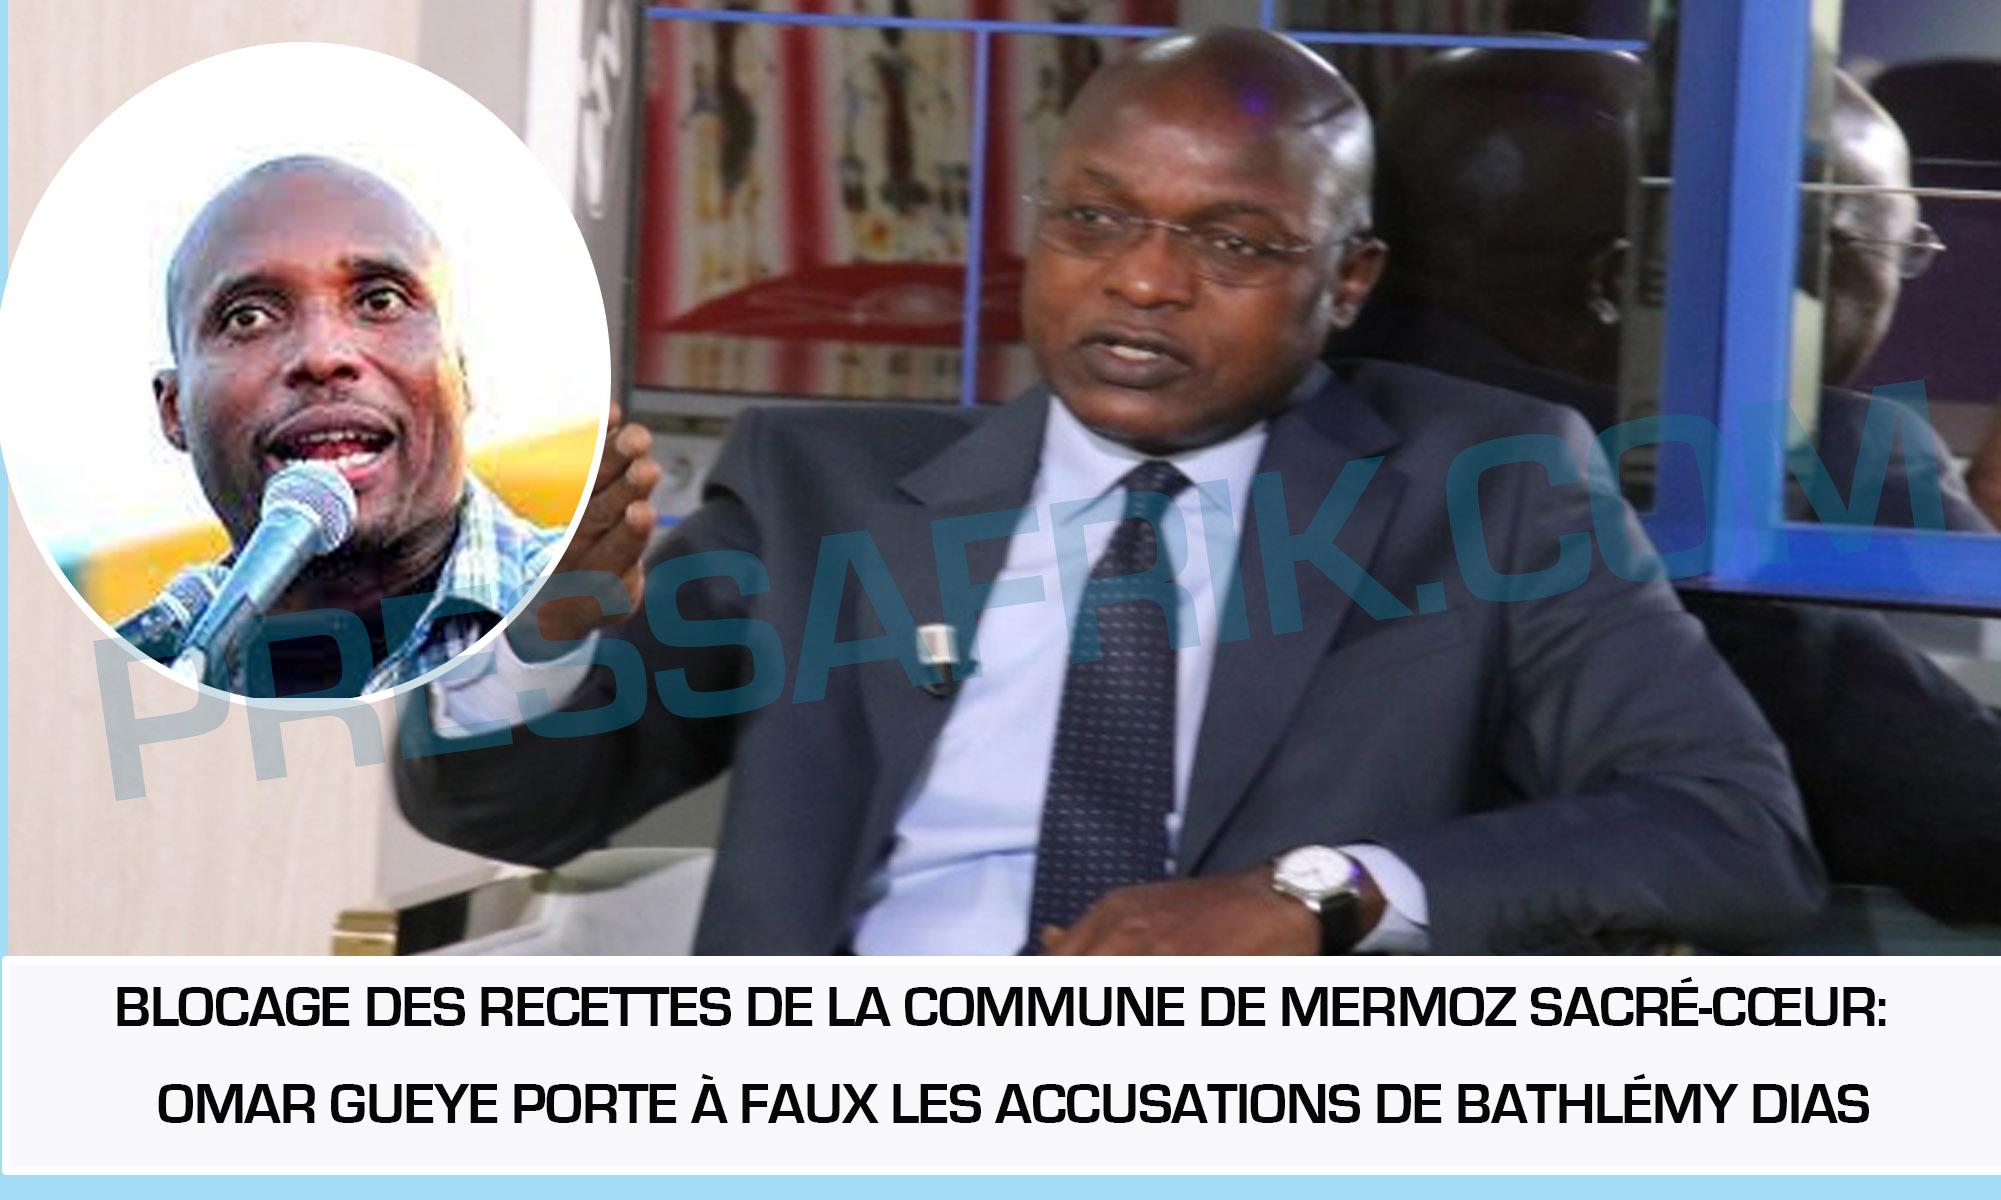 Blocage des recettes de la commune de Mermoz Sacré-Cœur:  Omar Gueye balaie les accusations de Bathlémy Dias